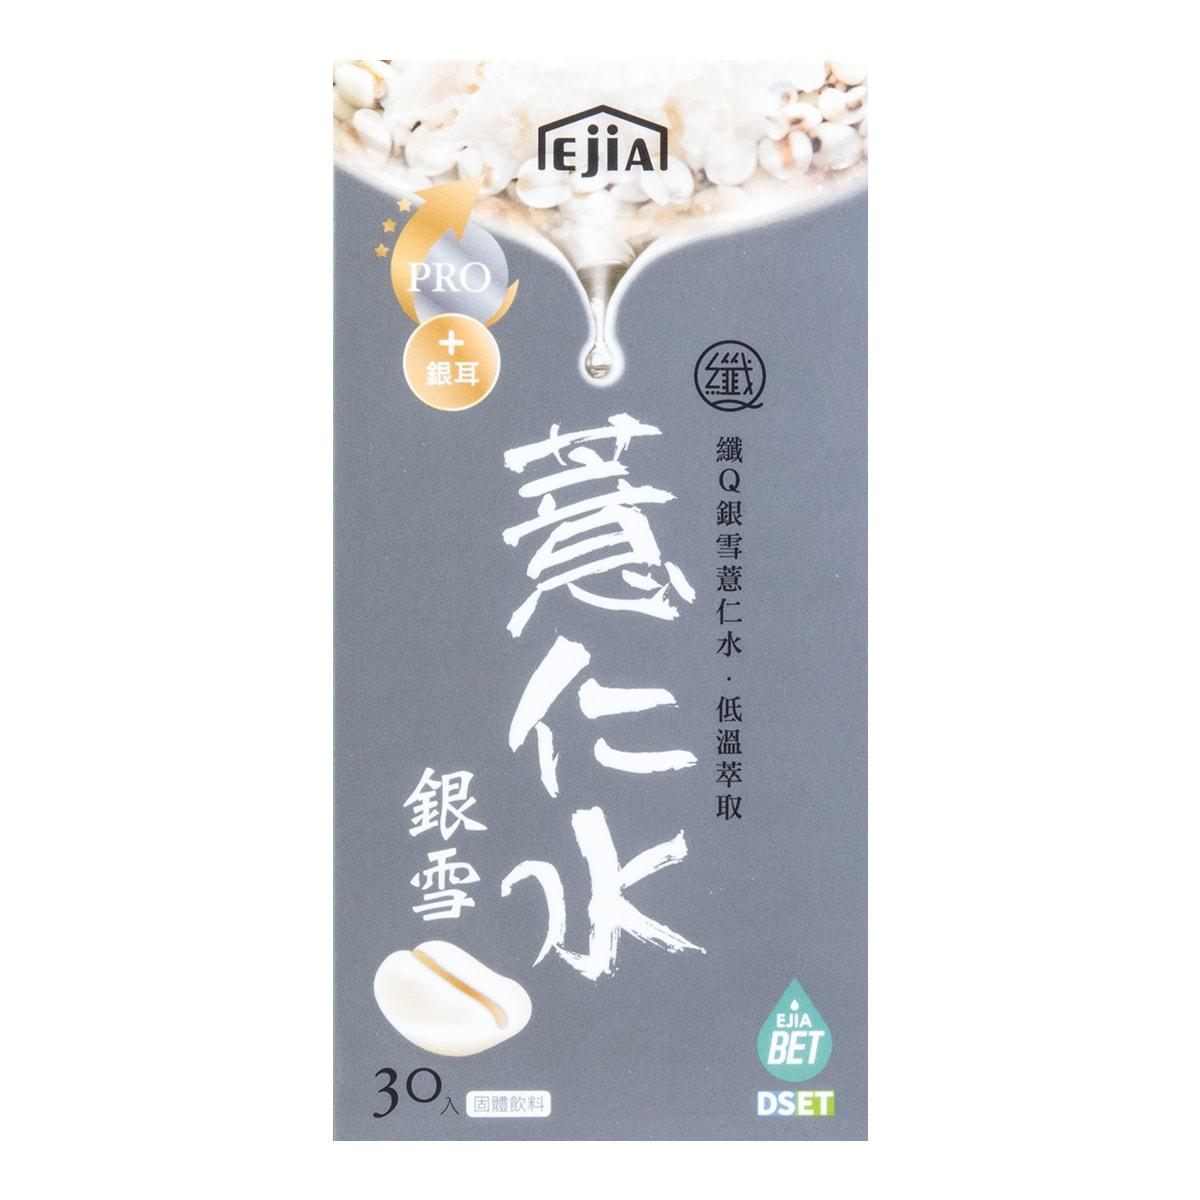 台湾易珈生技 冲泡式银雪薏仁水PRO版 2g x 30包入